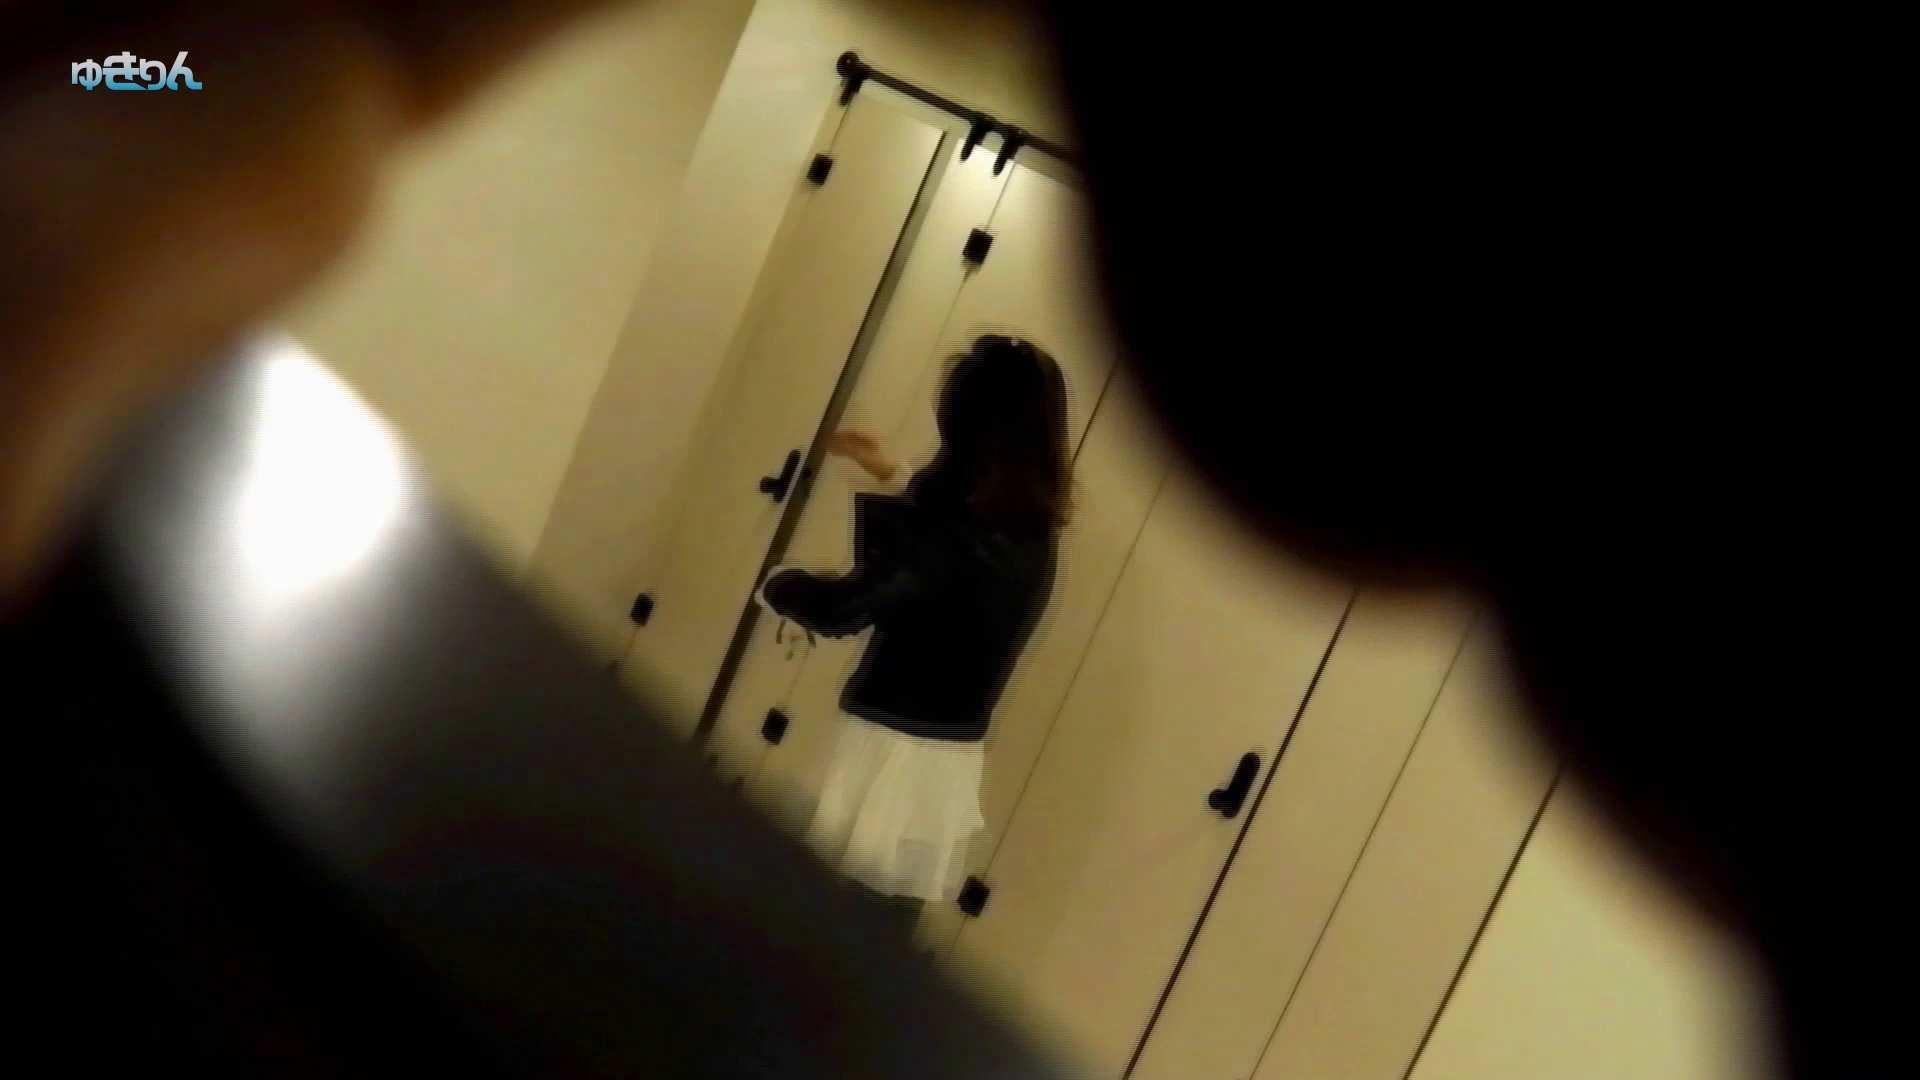 新世界の射窓 No81 制月反さん登場!! 盛合せ おめこ無修正動画無料 106画像 93